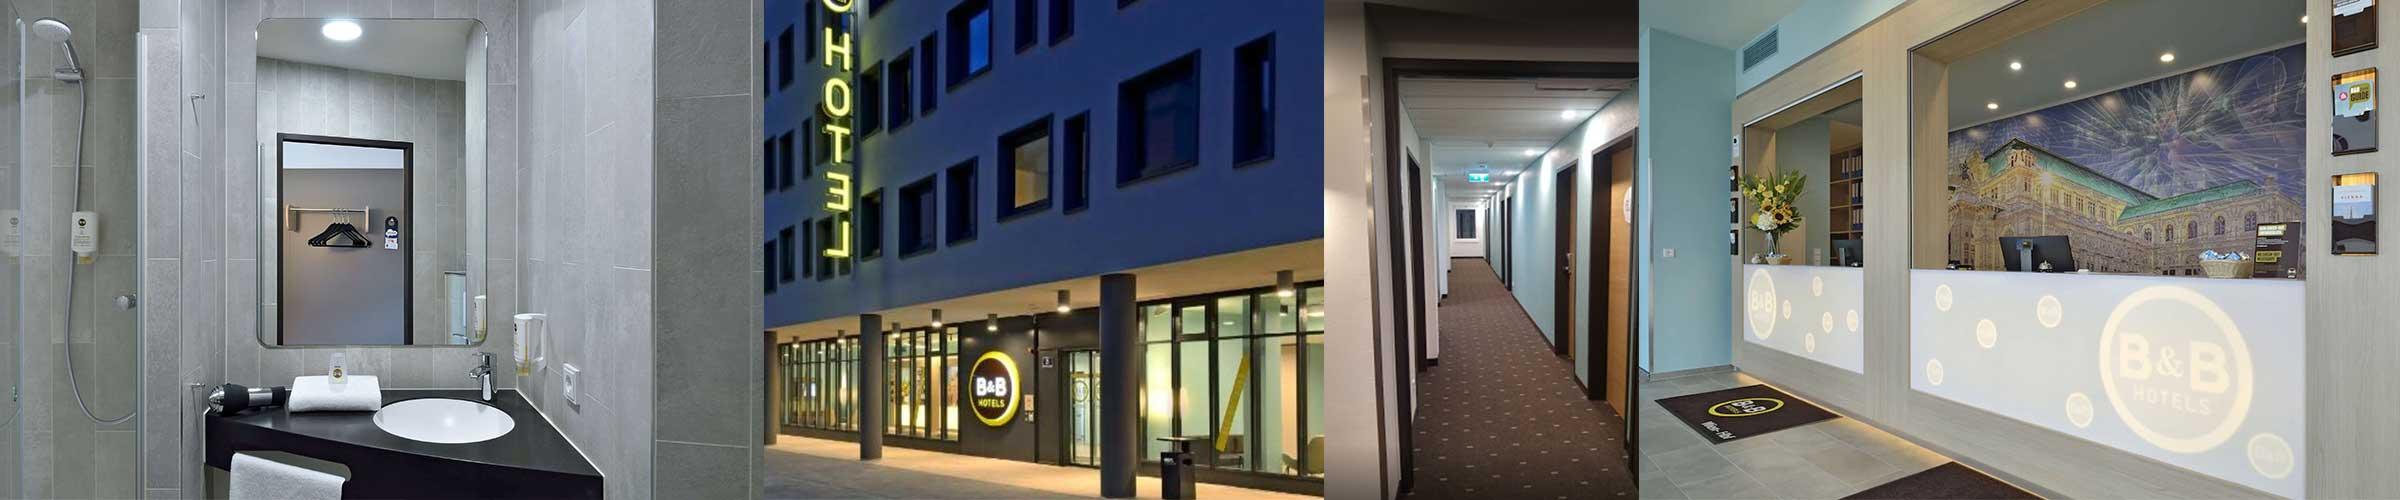 B&B Hotel Wien Hauptbahnhof mit Dive von SML LED